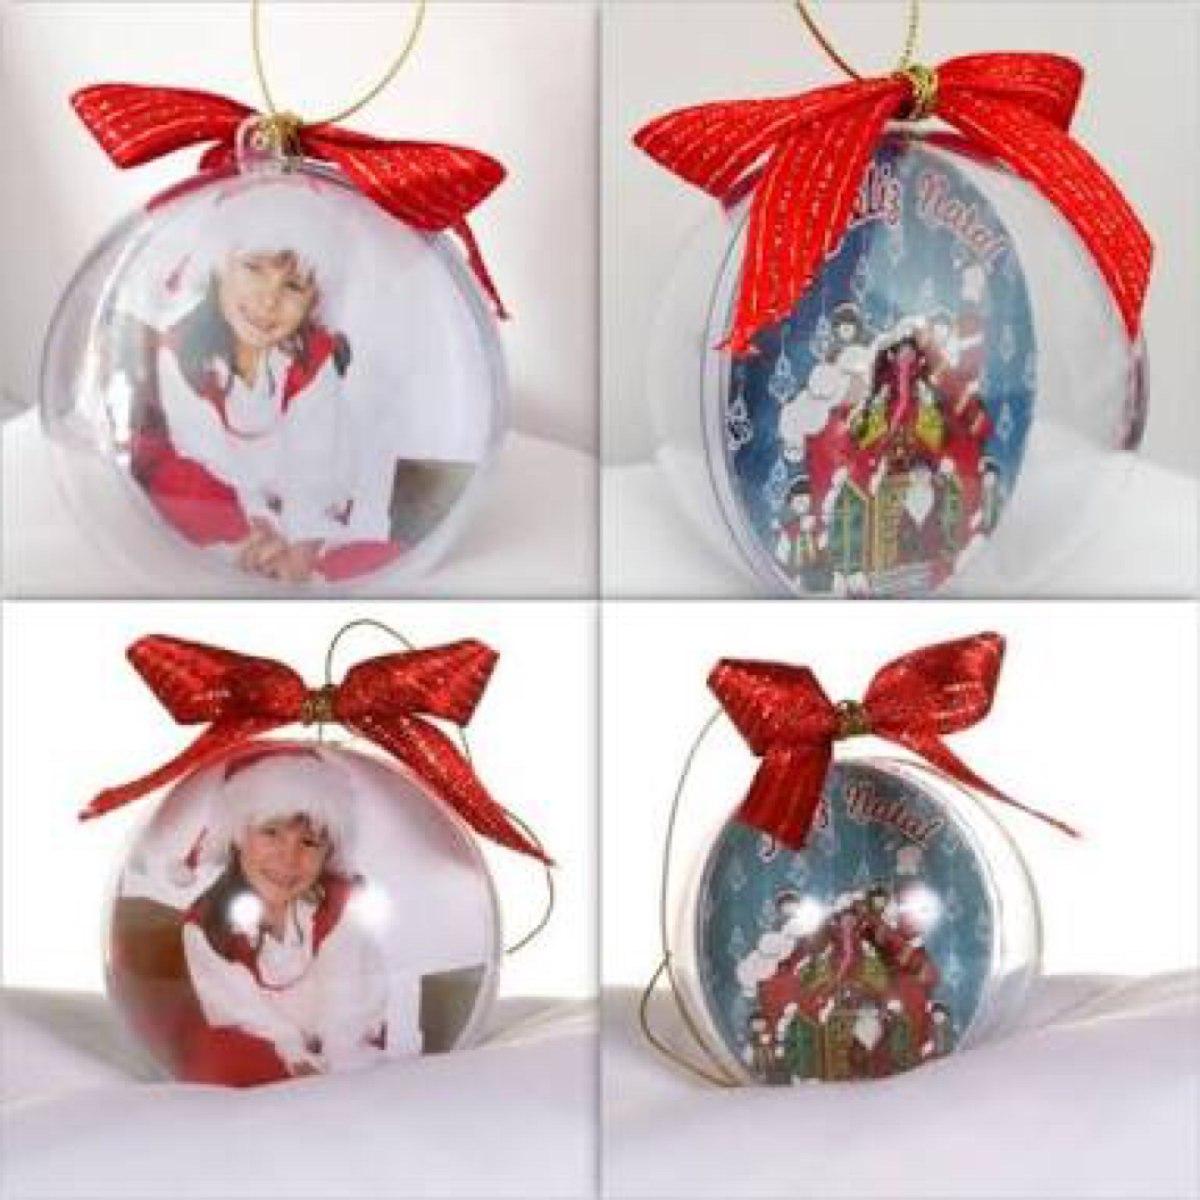 50 bola de natal acr lica para personalizar envio 48hs r - Bolas transparentes para decorar ...